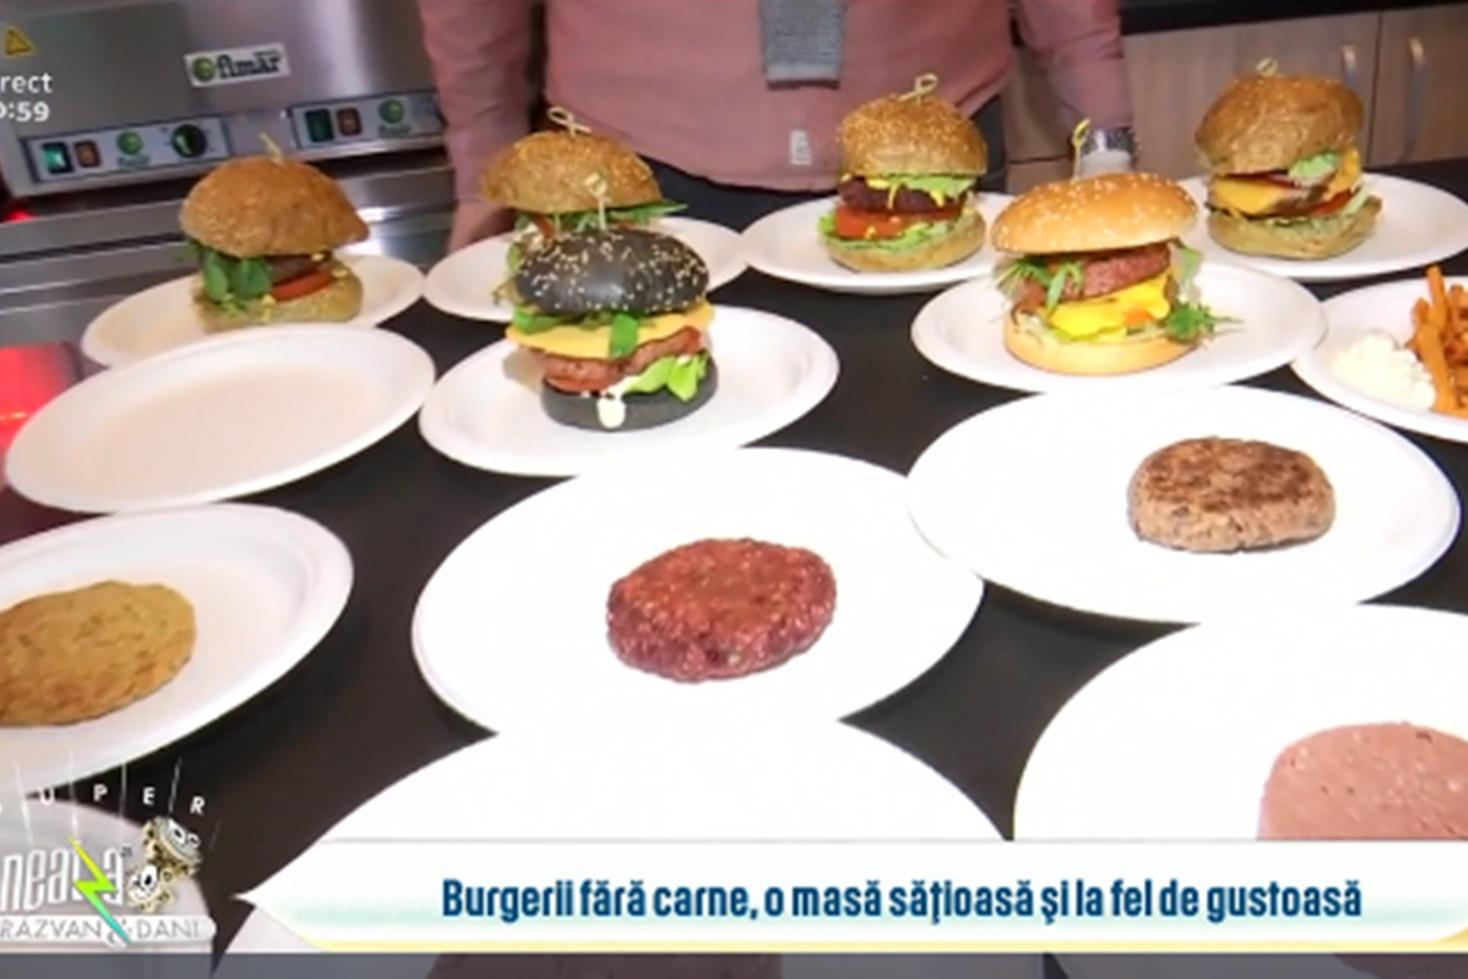 Burgerii fără carne o alternativă mai sănătoasă și la fel de gustoasă